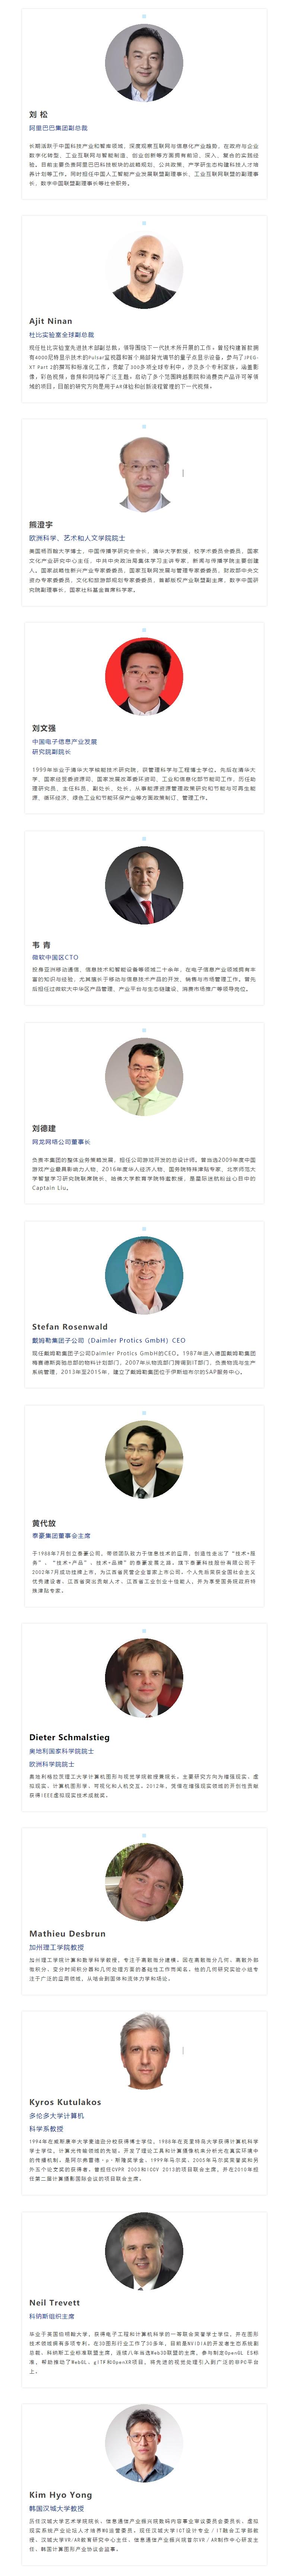 重磅-_-郭平、李国华、王雪红等业界大咖将出席2019世界VR产业大会_02_看图王.jpg